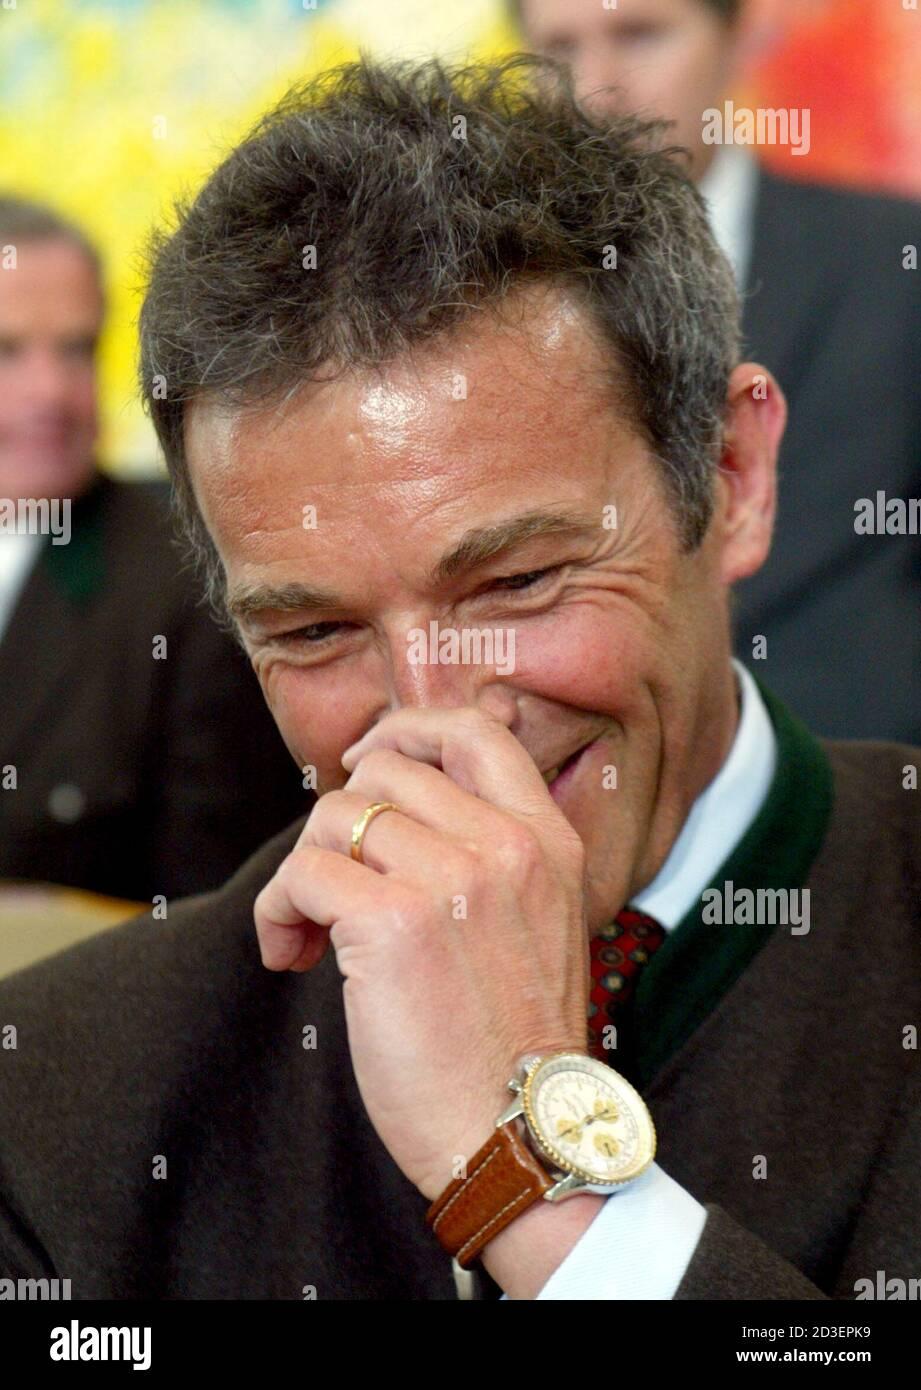 Joerg Haider wurde am Mittwoch,31. Maerz 2004, im Kaerntner Landtag erneut zum Landeshauptmann gewaehlt. REUTERS/Daniel Raunig REUTERS  PR/ Stock Photo